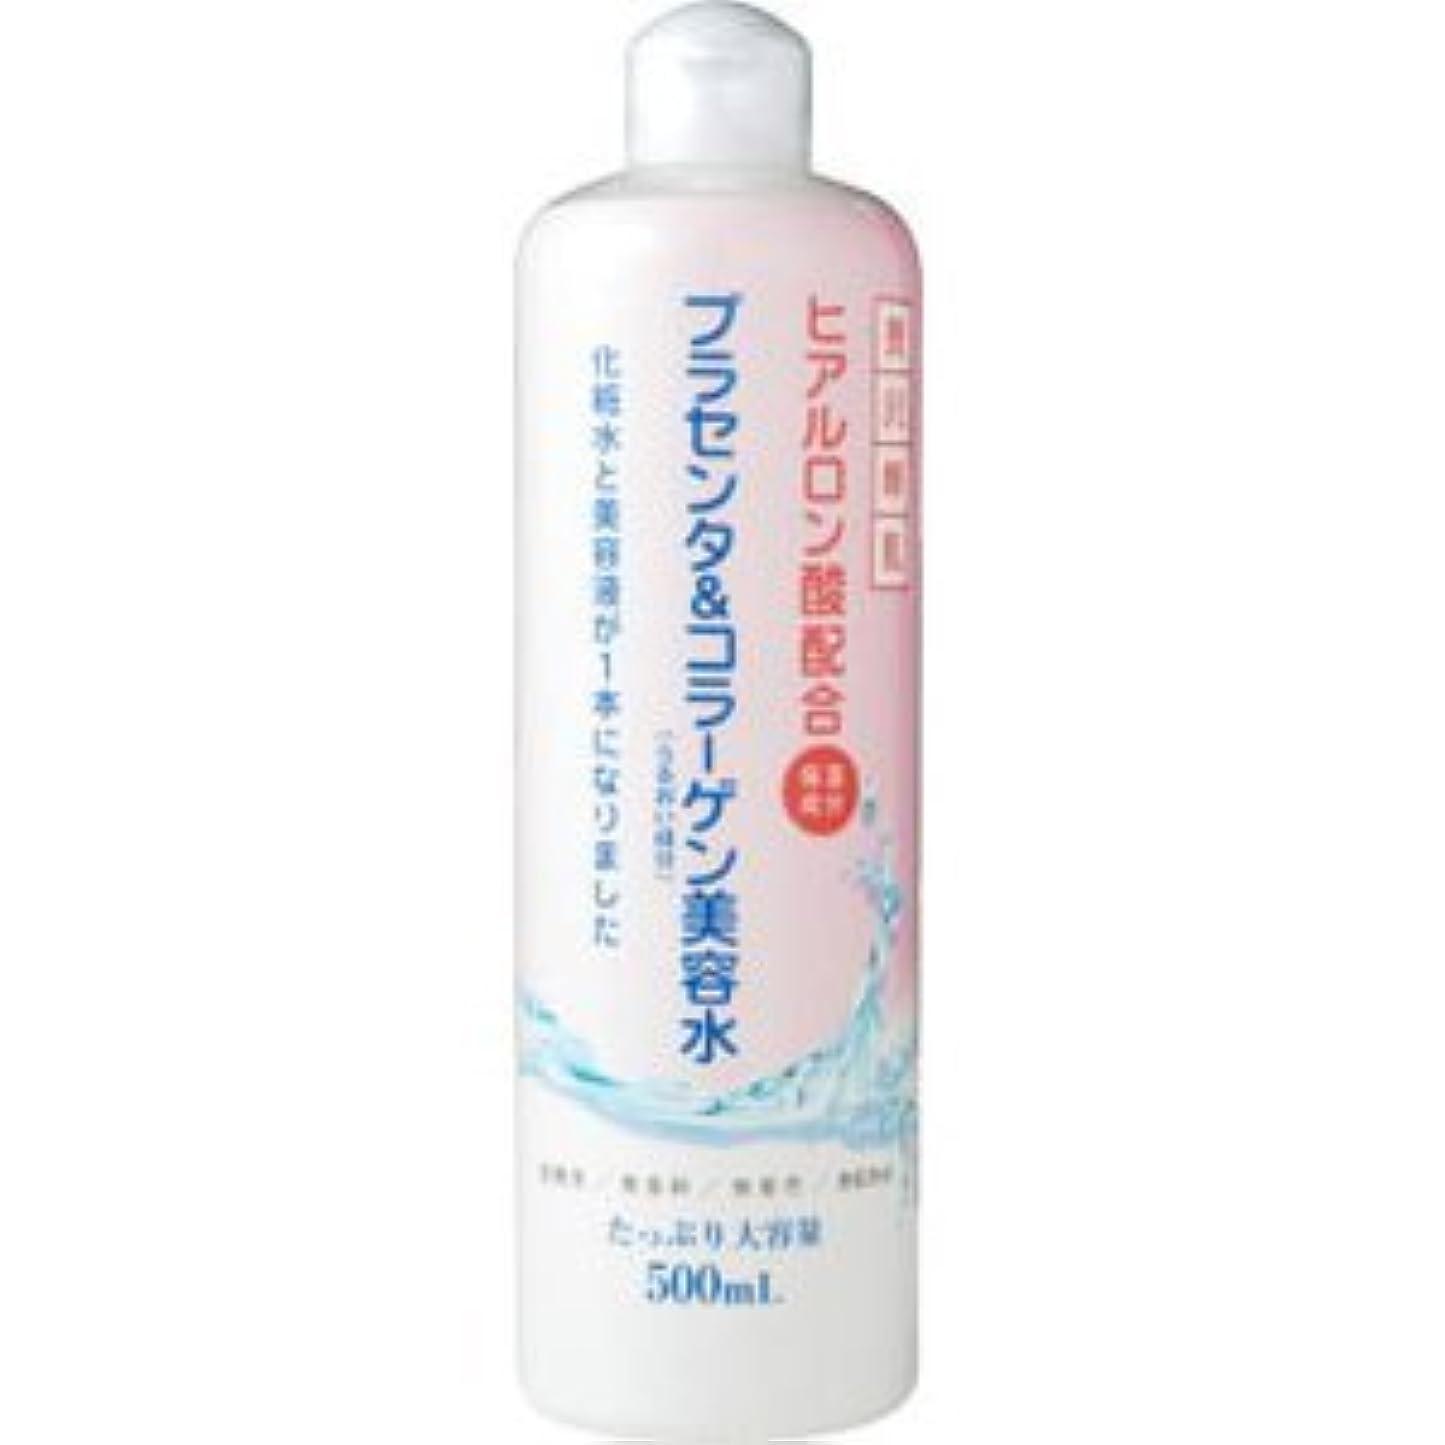 スキーム教え振る化粧水?美容液がこの1本!大容量サイズ?低価格『贅沢輝肌 美容水』 (プラセンタ&コラーゲン)